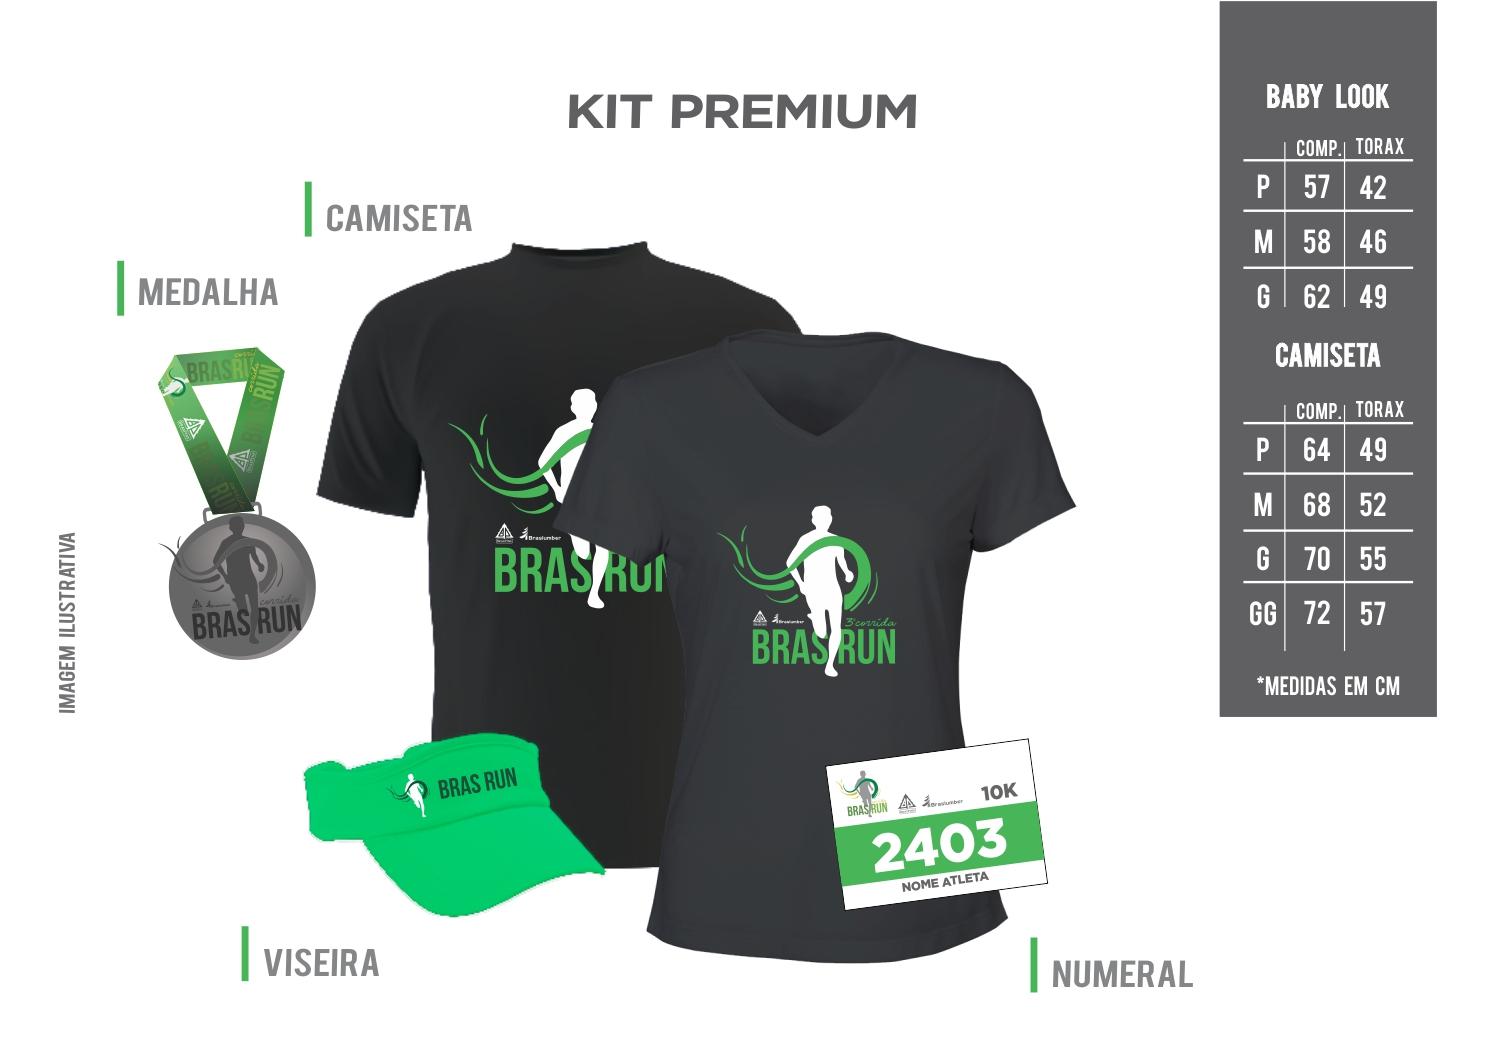 Kits 3ª BrasRun - etapa Braspine